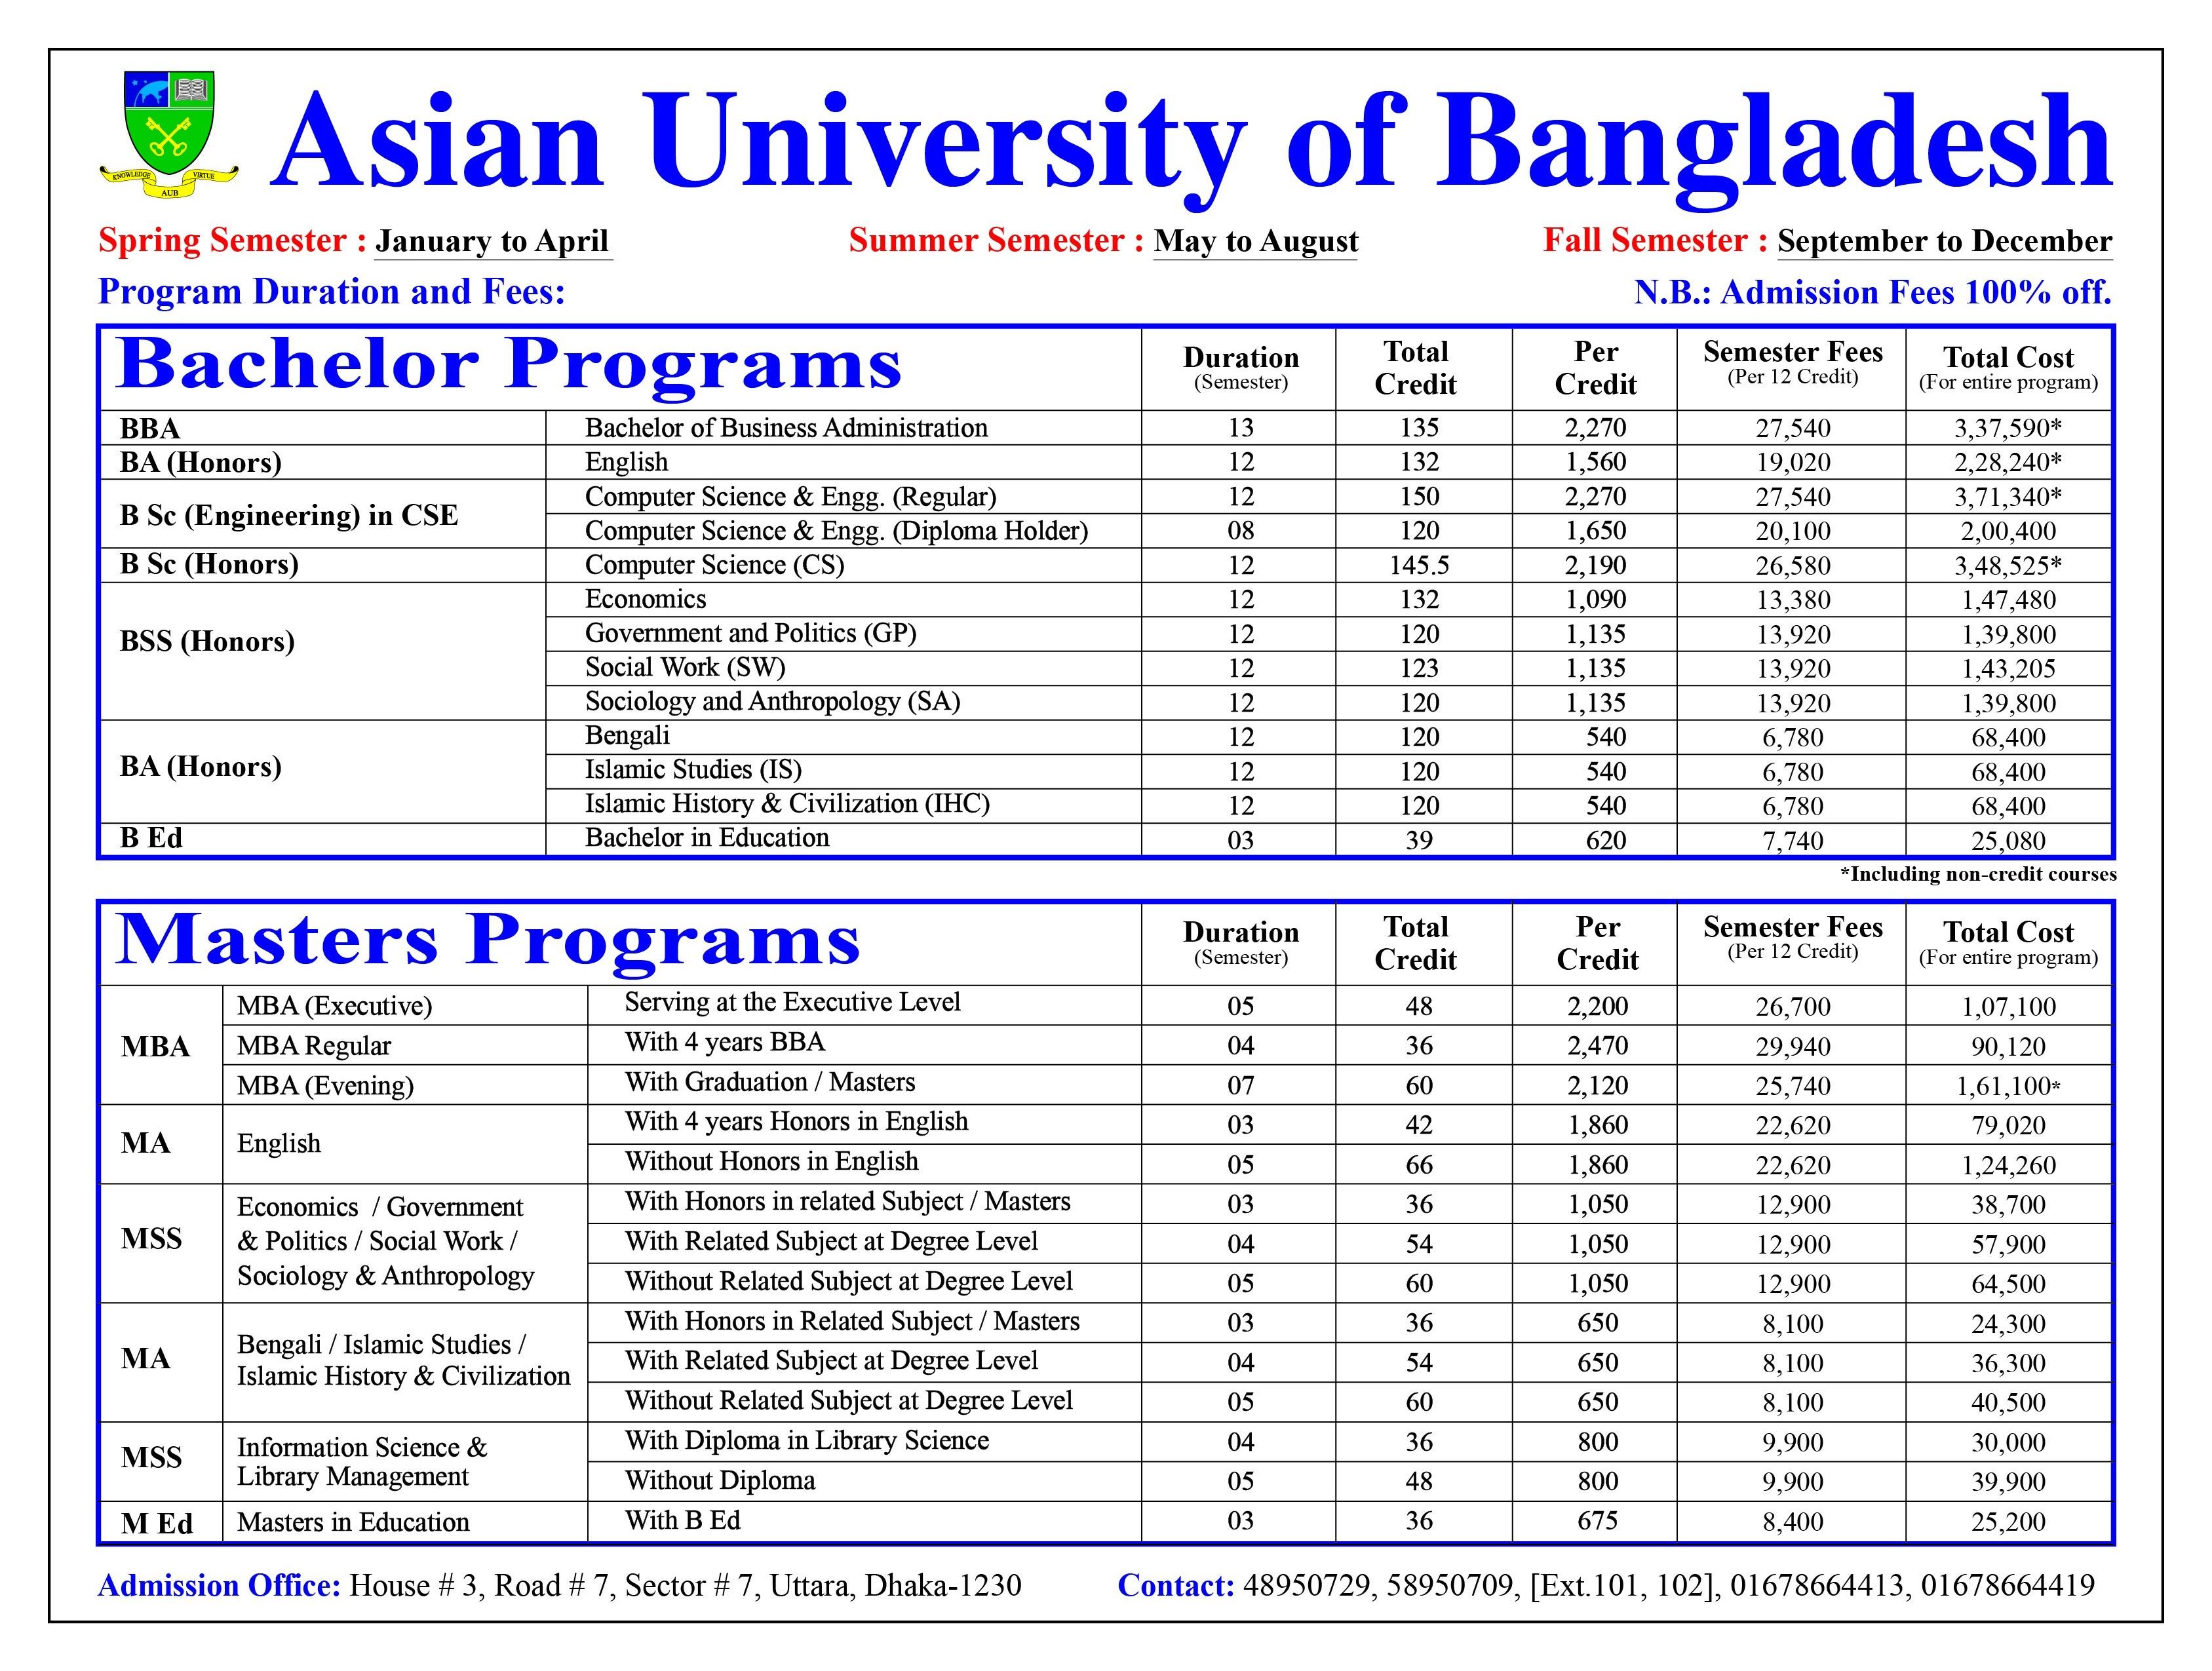 - ASIAN UNIVERSITY OF BANGLADESH ADMISSION CIRCULAR 2018 (এশিয়ান ইউনিভার্সিটি বাংলাদেশ অ্যাডমিশন সার্কুলার)